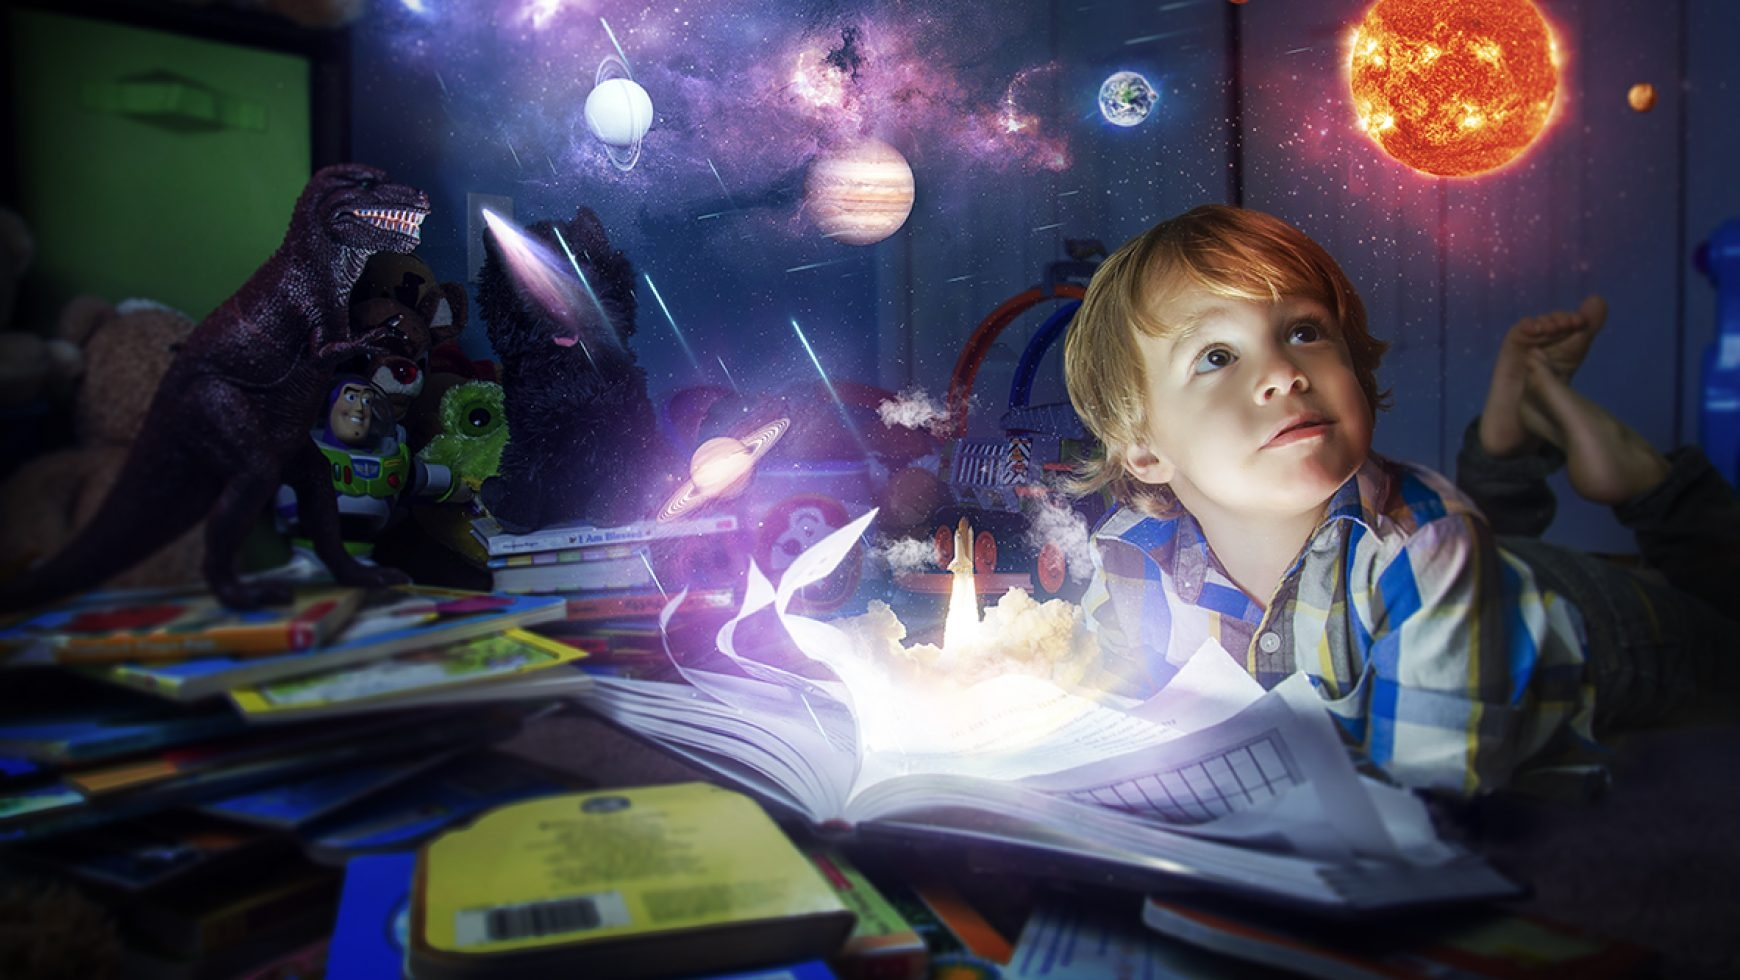 Почему дети любят фантазировать: обзор темы и возможные проблемы - детская психология